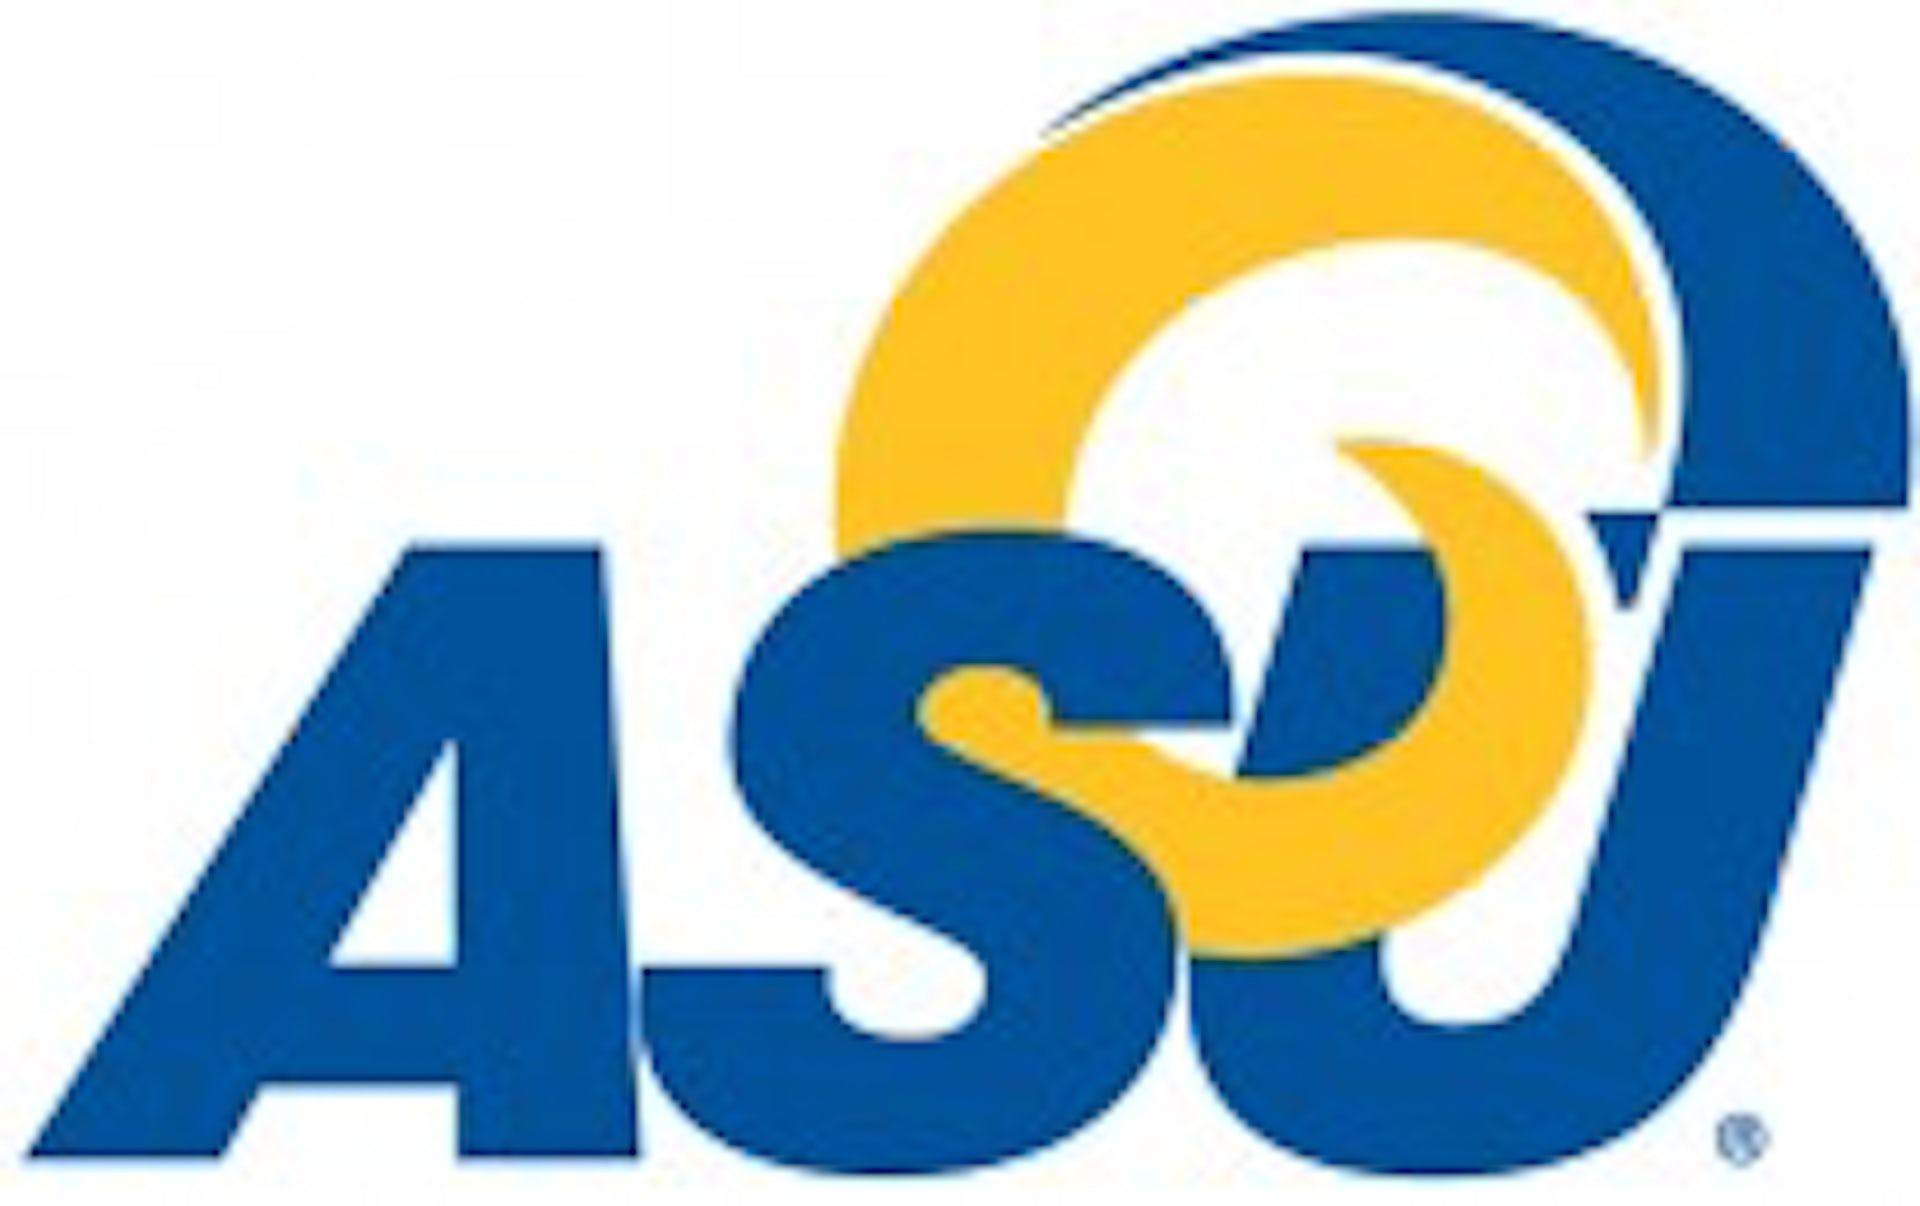 Logo 1518553425.jpg?ixlib=rb 1.1